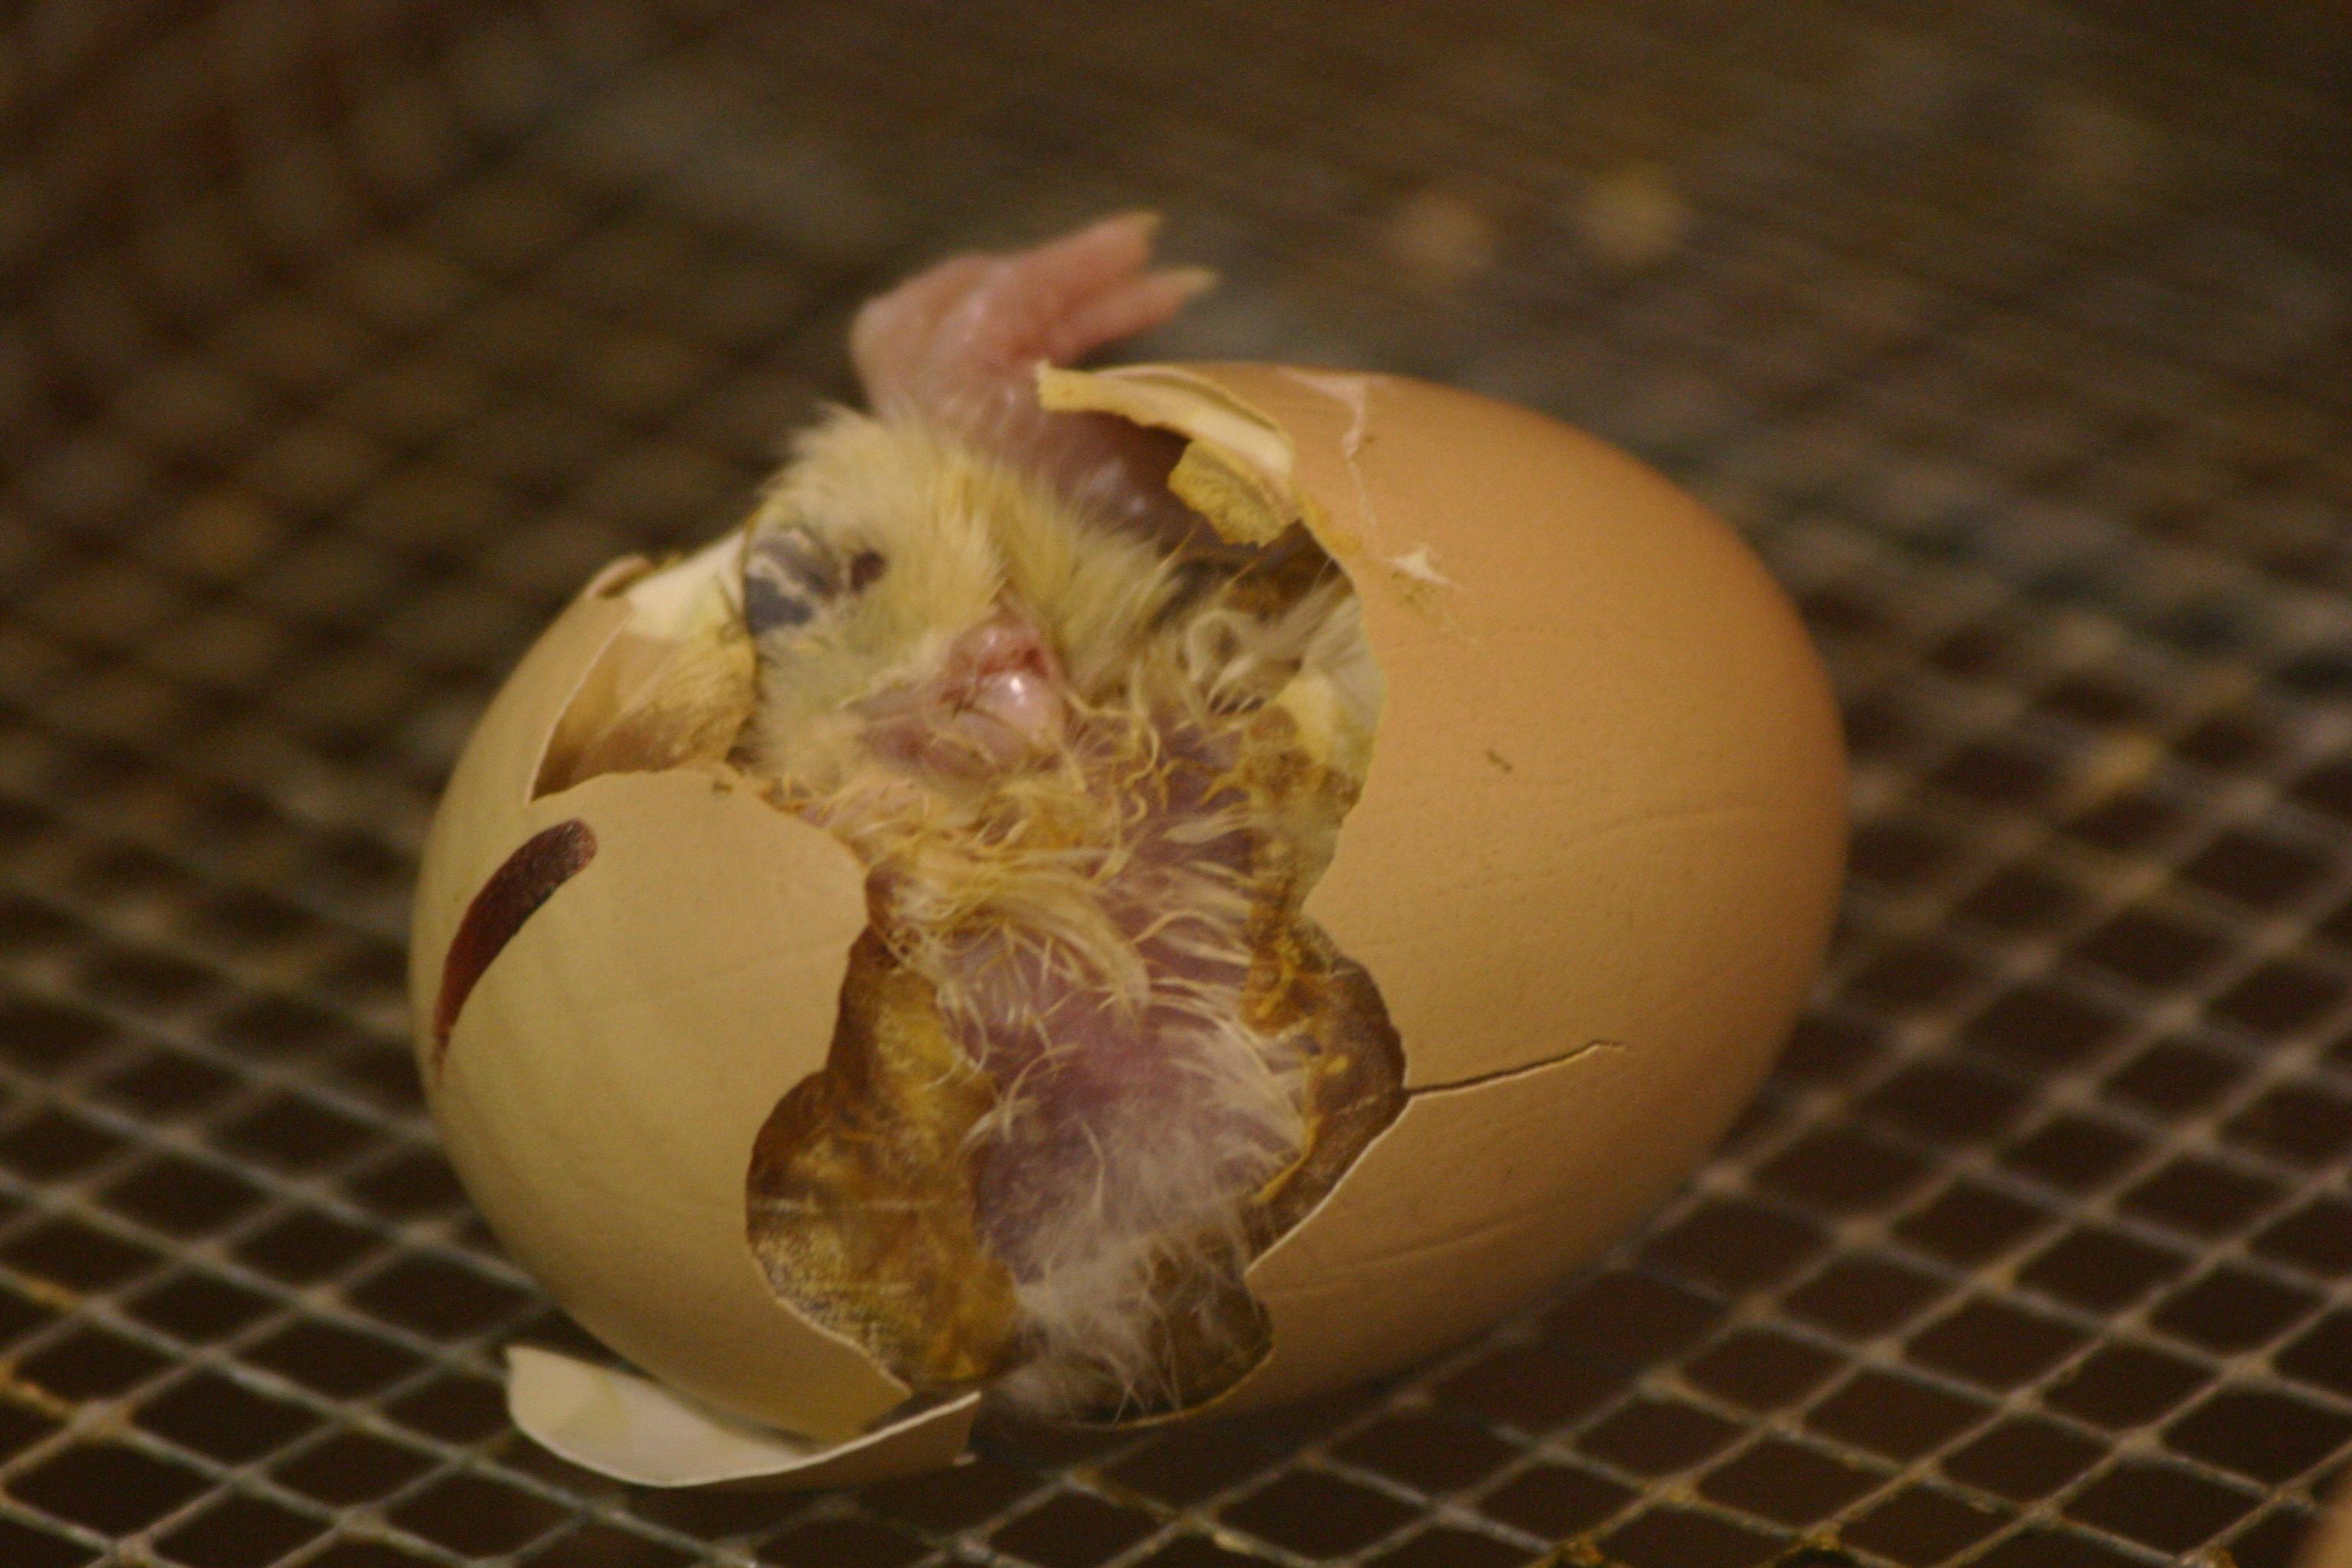 Определение пола цыпленка по форме куриного яйца